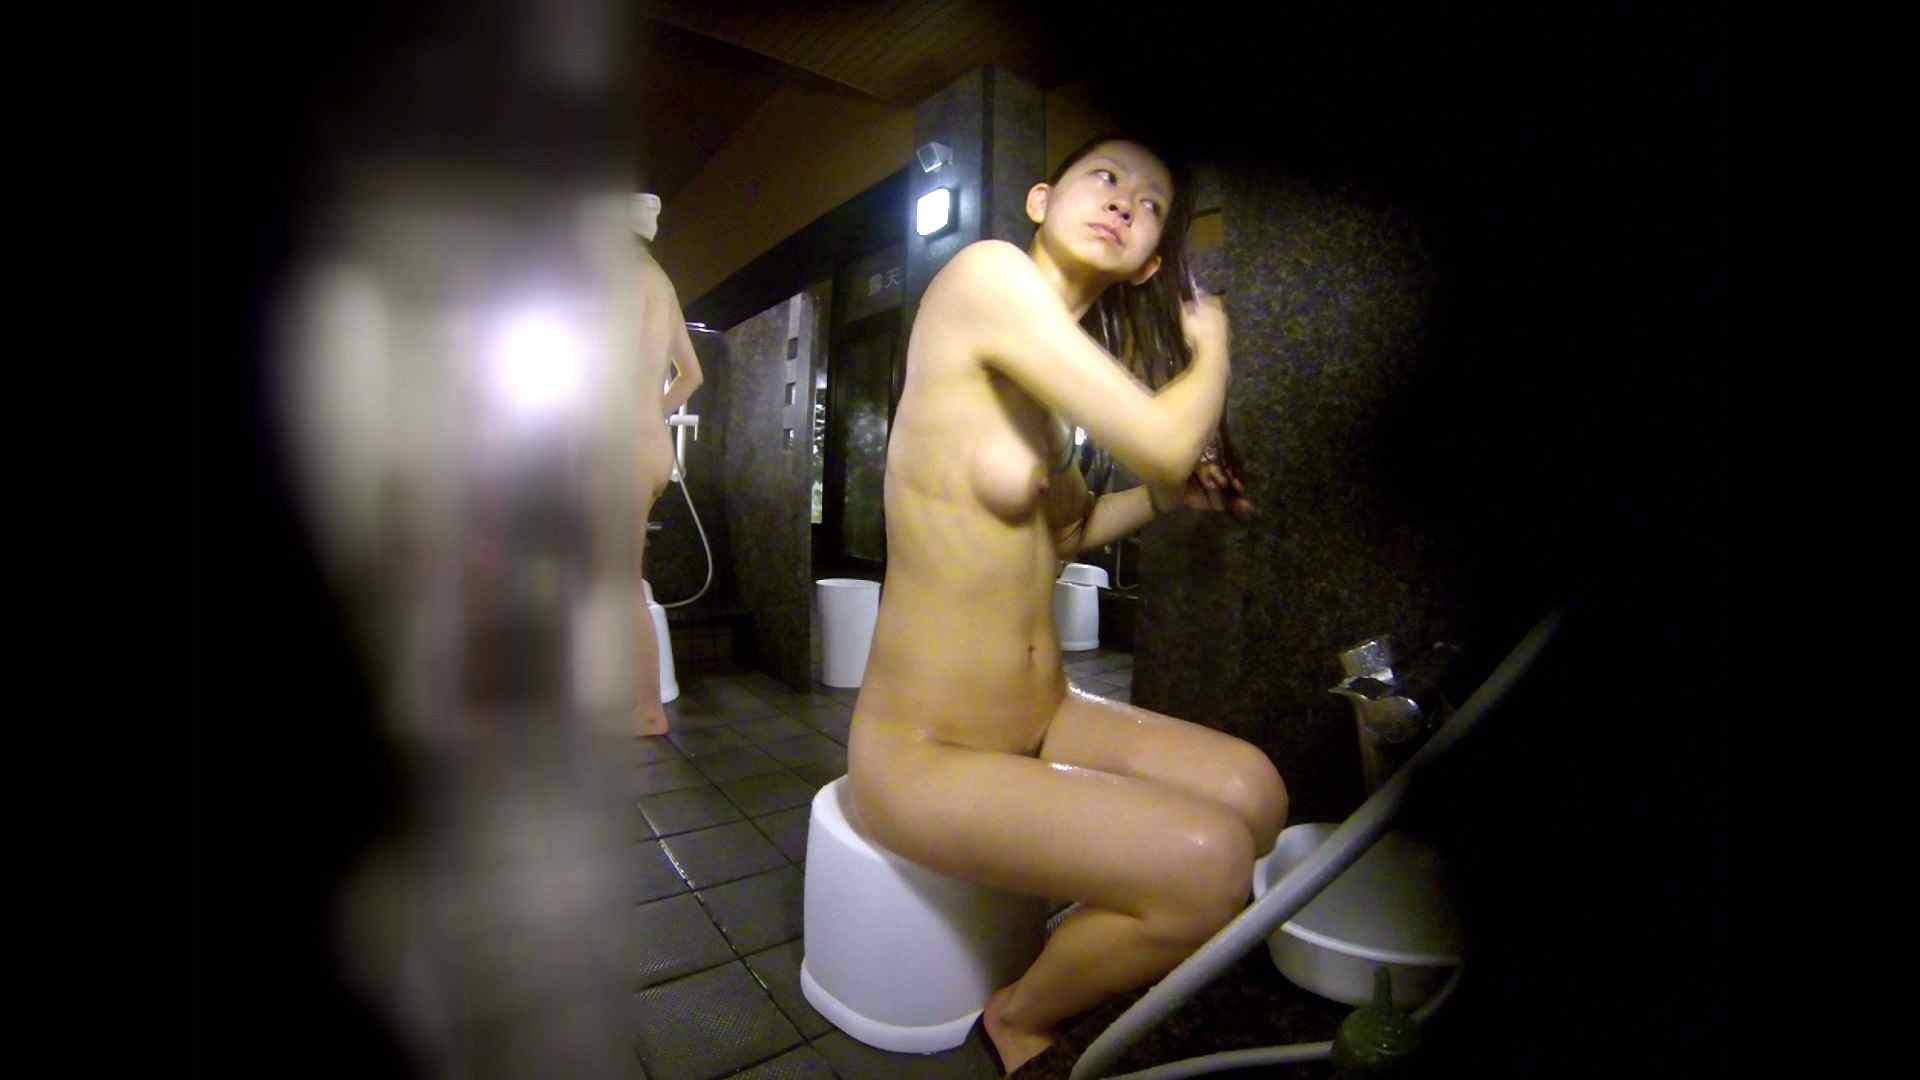 洗い場!綺麗なお女市さんは好きですか? 銭湯   潜入エロ調査  58連発 17